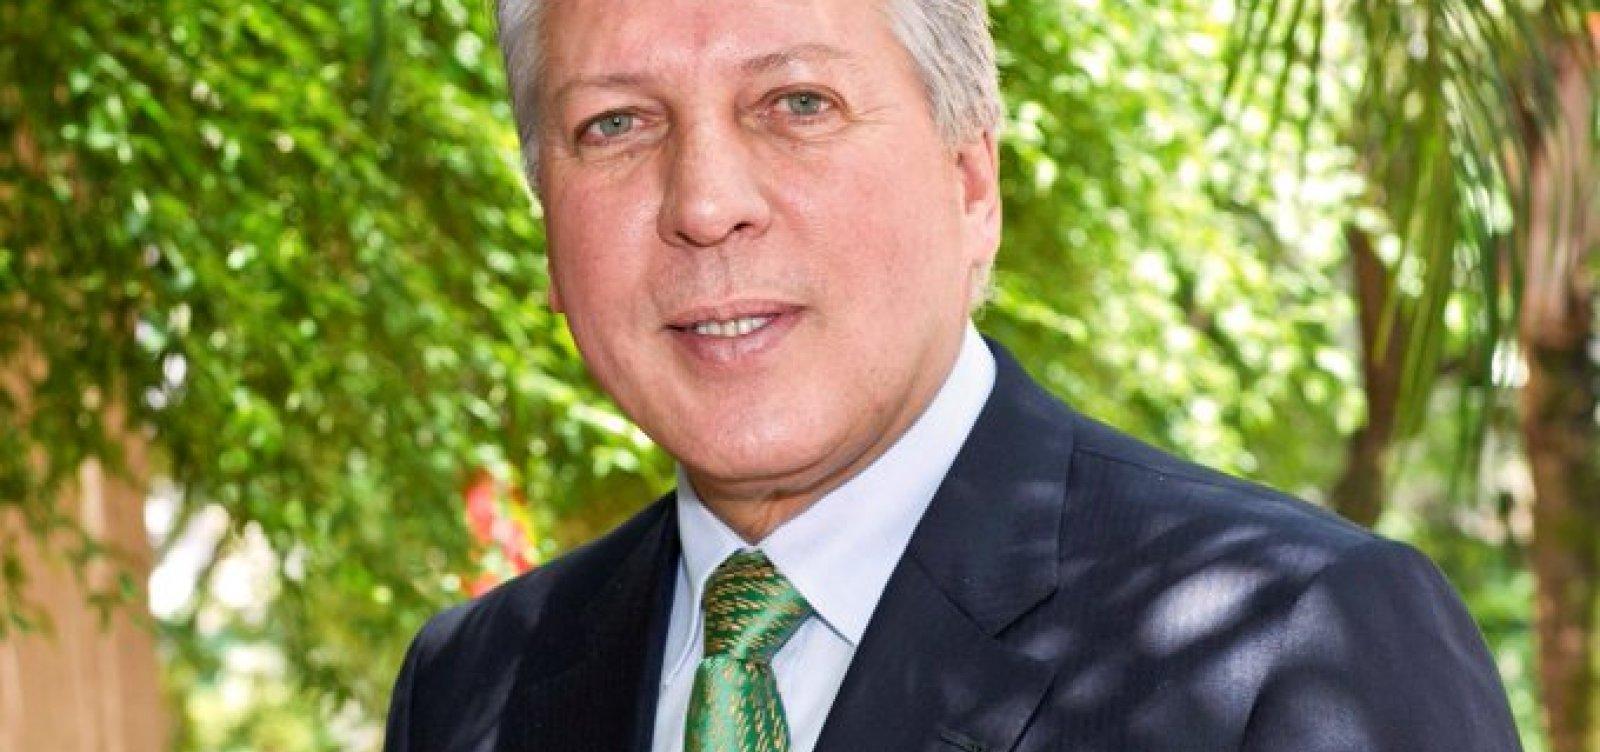 [Ex-presidente da Braskem é preso por corrupção em Nova York]